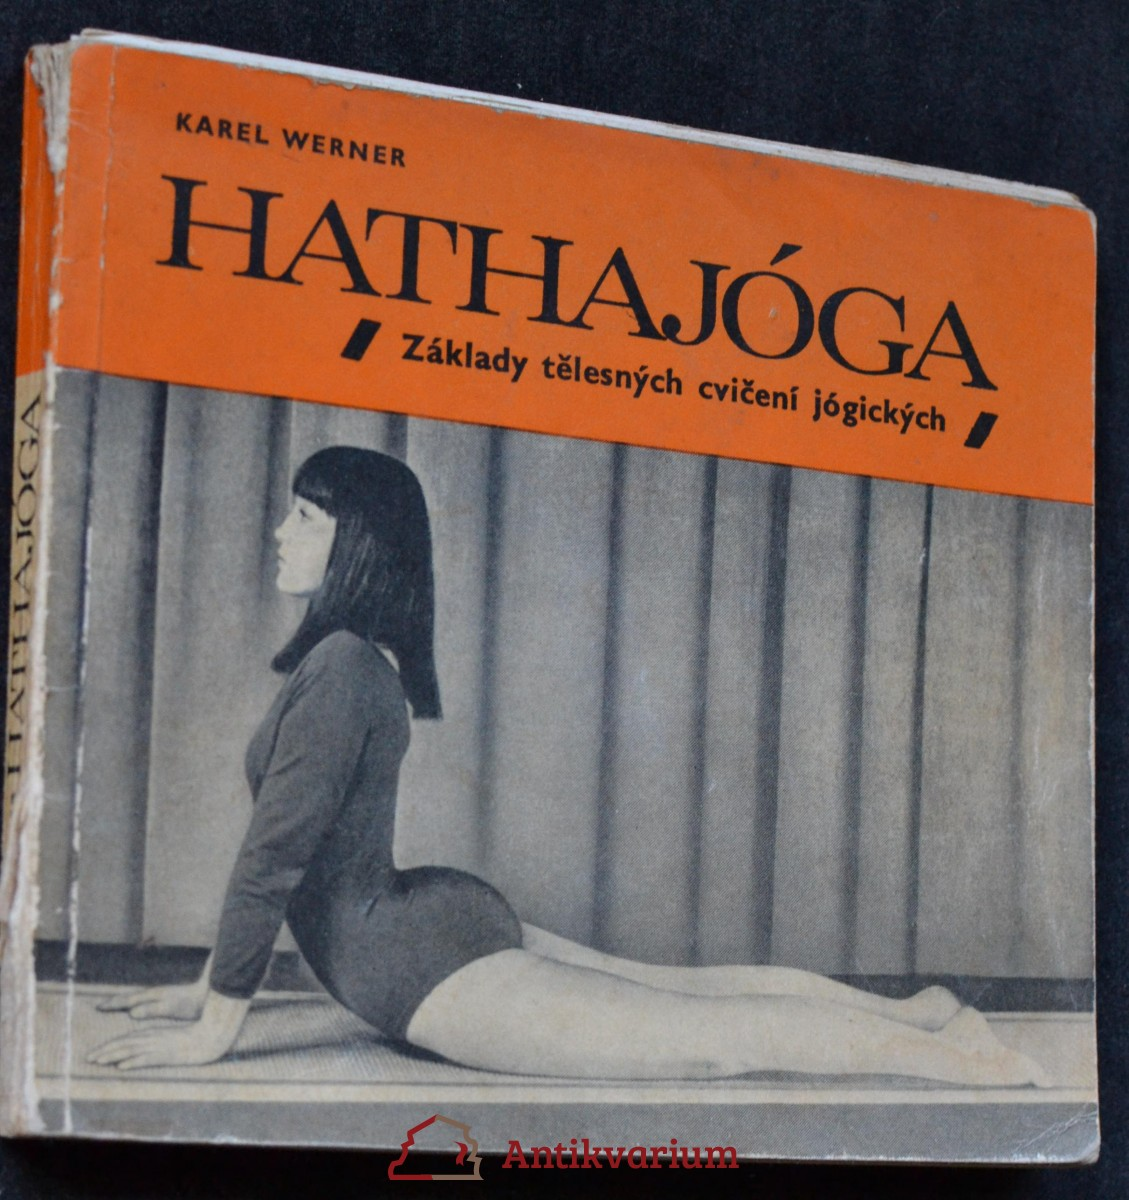 Hathajóga : základy tělesných cvičení jógických